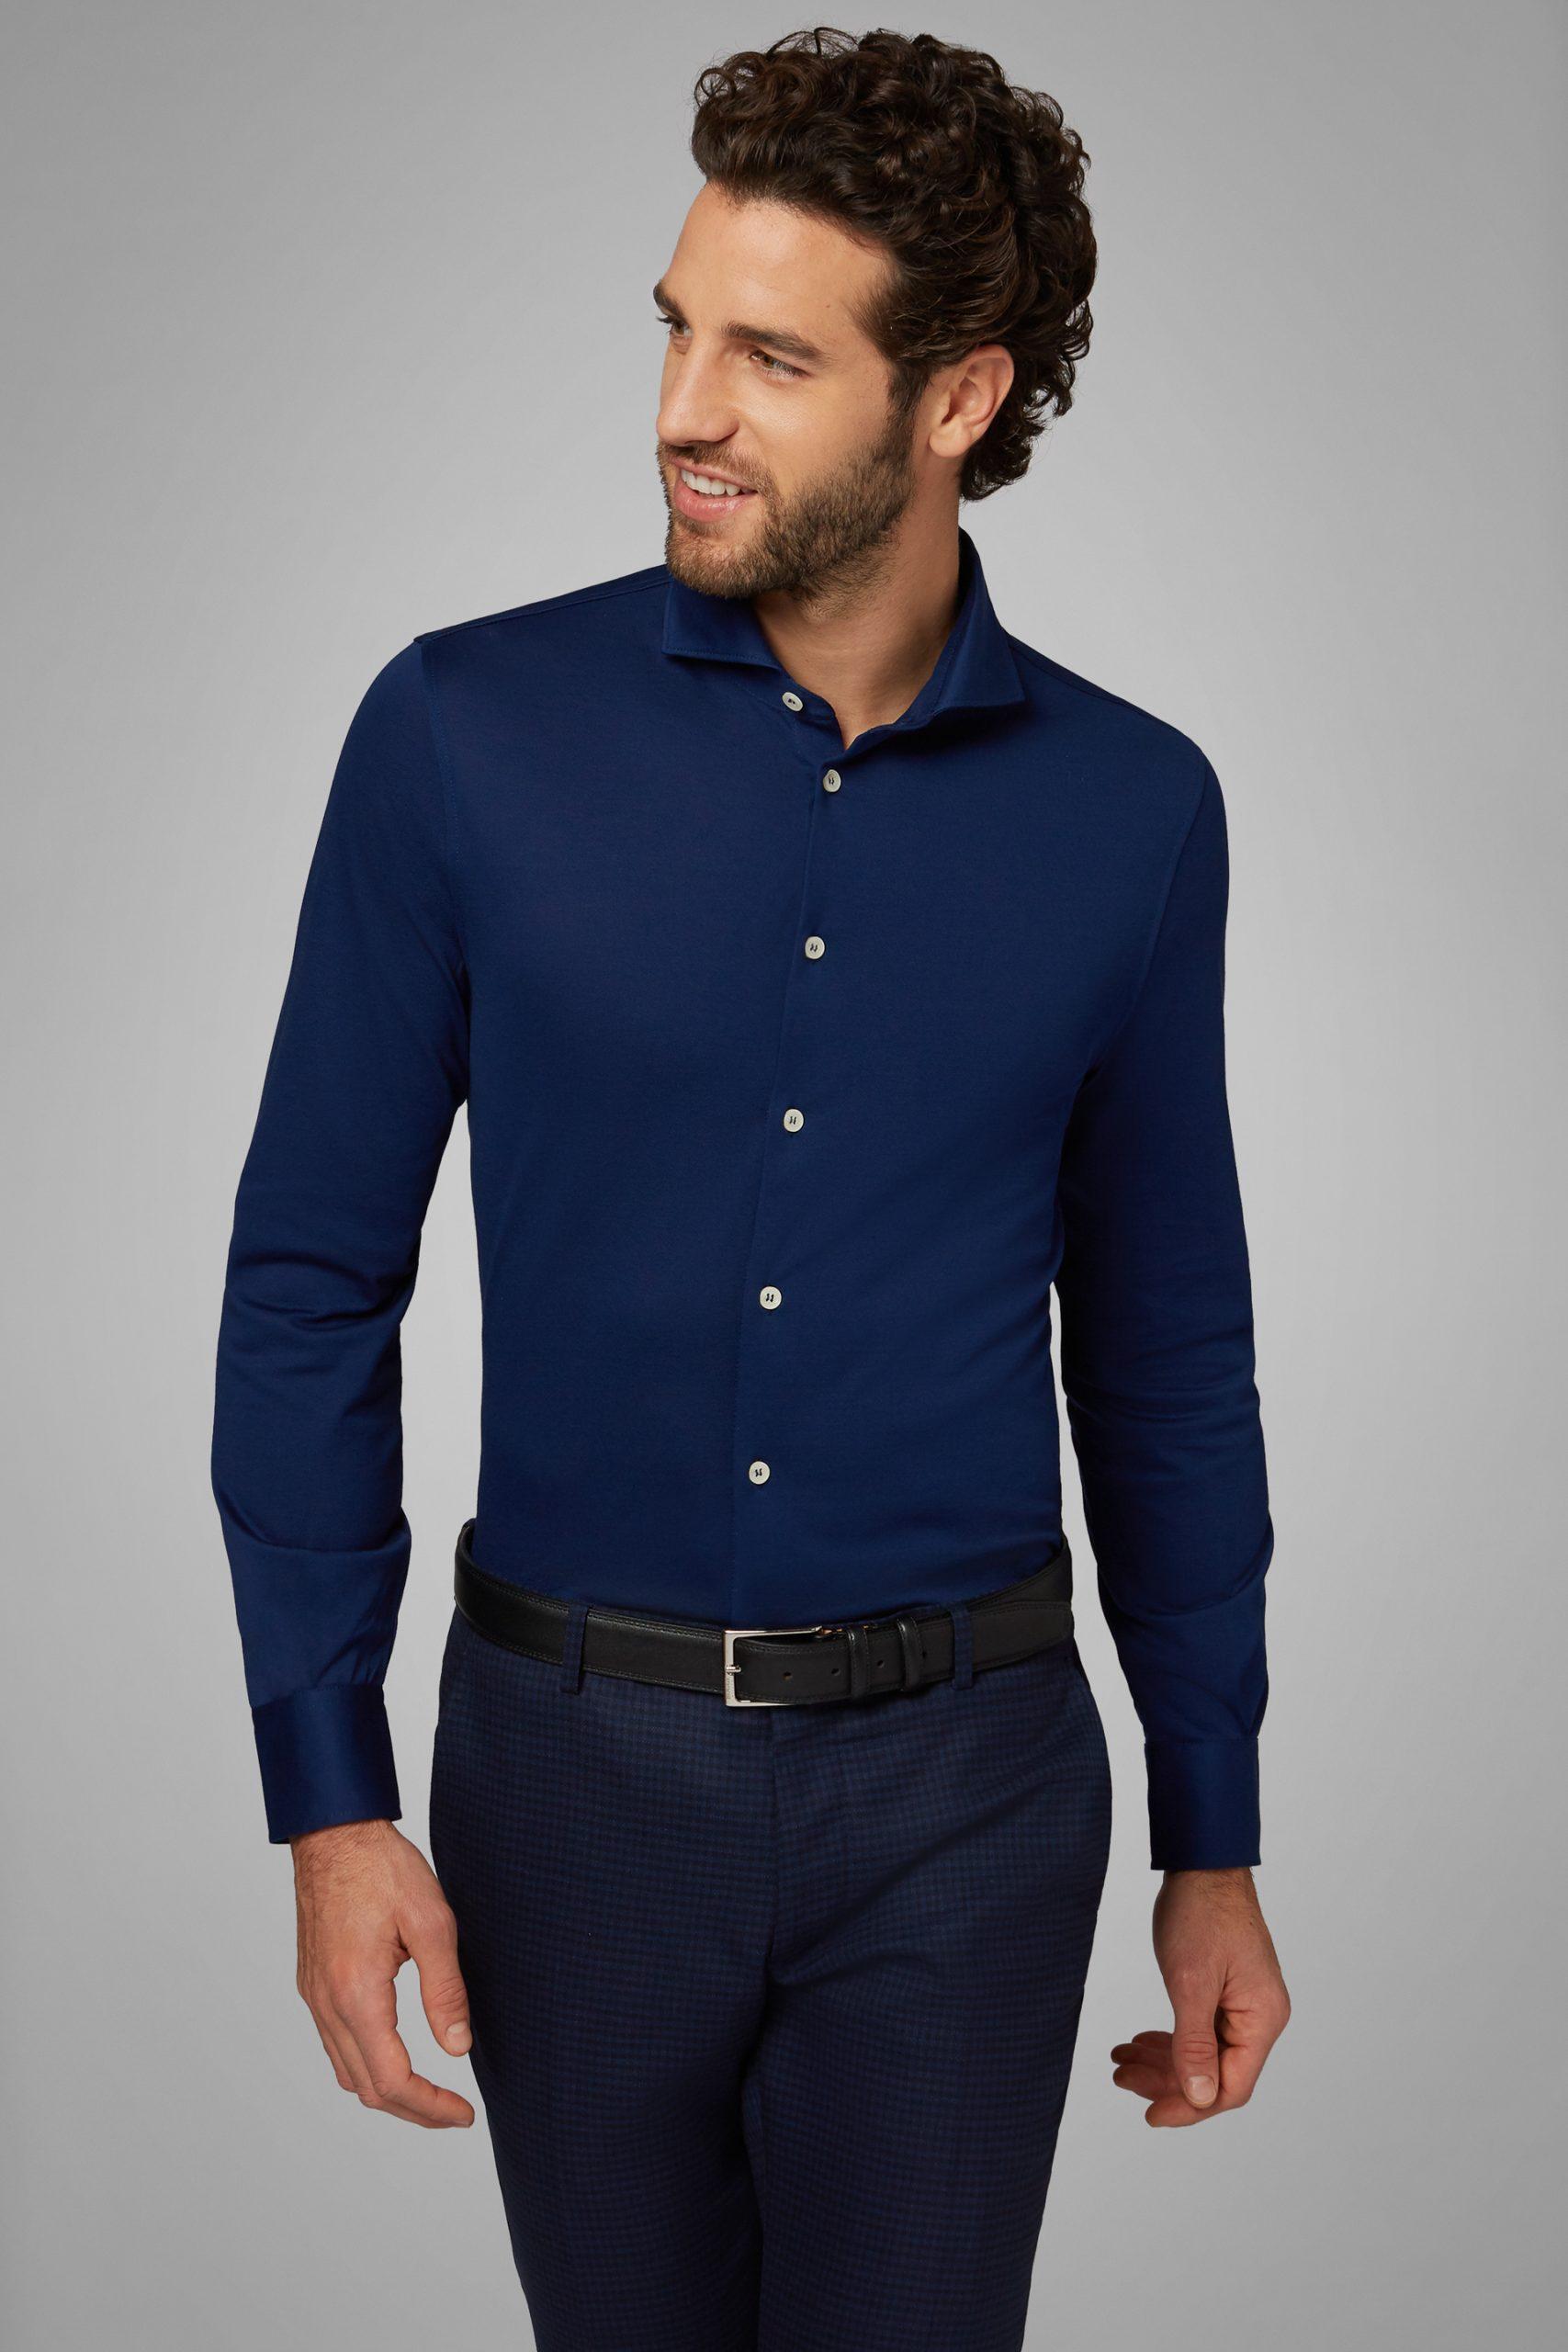 Camicie da uomo in colore Bluette in materiale